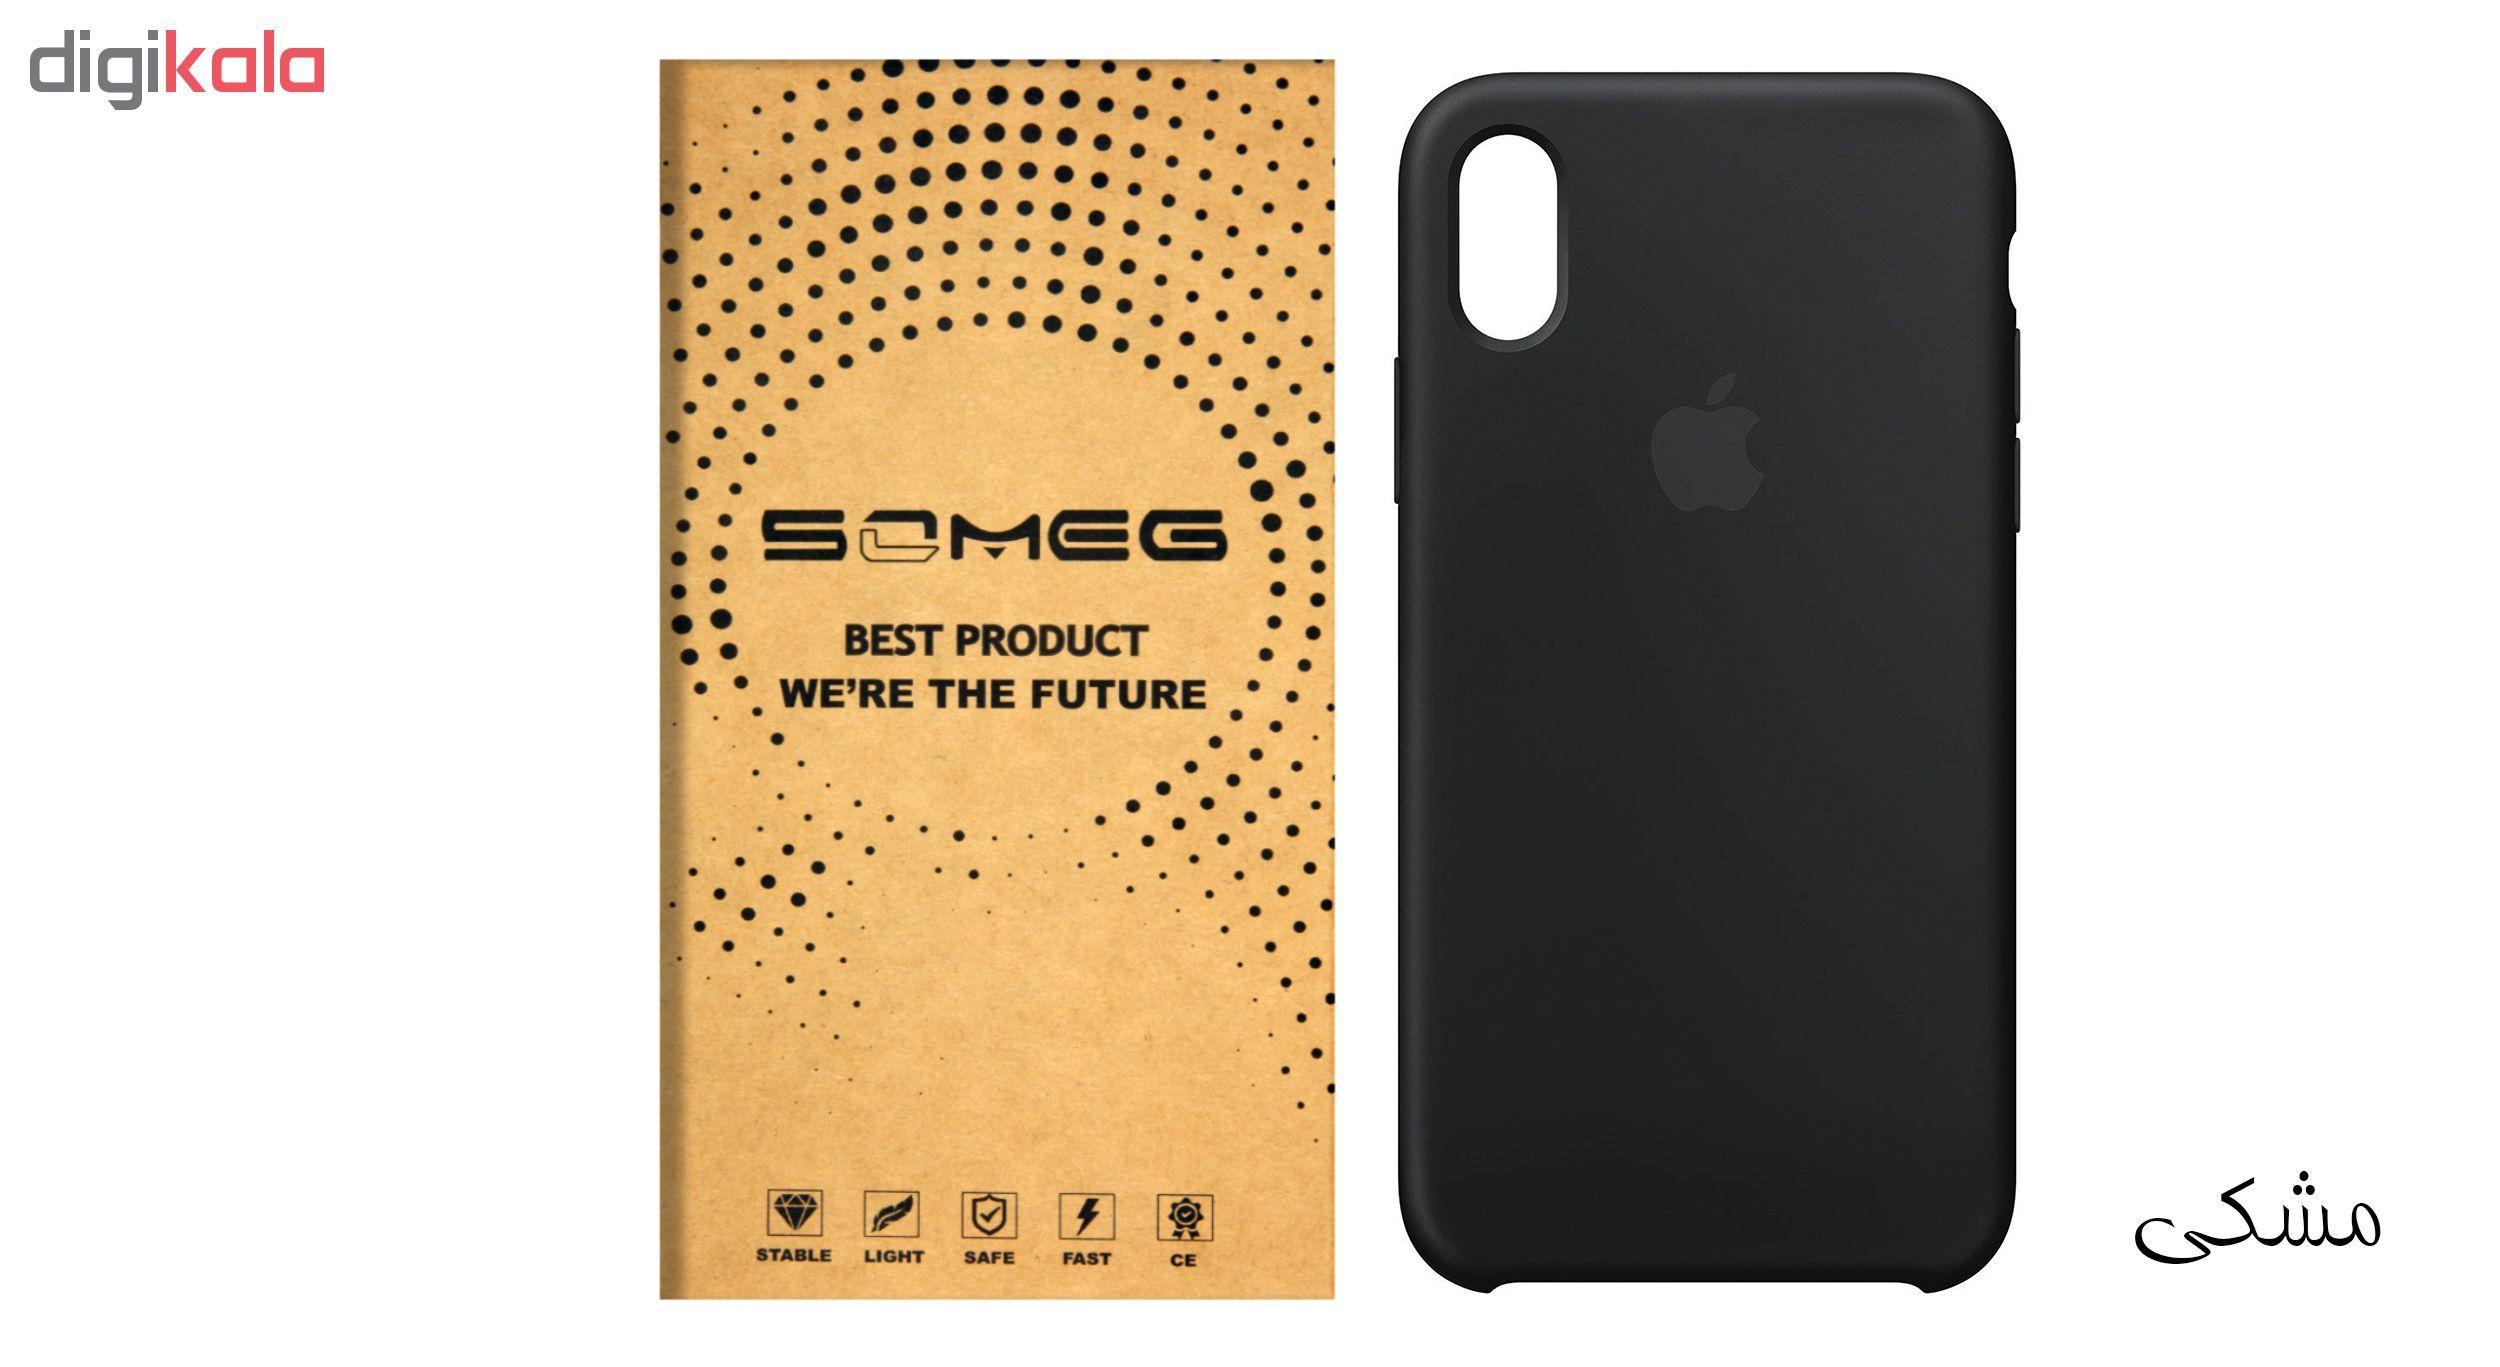 کاور سیلیکونی سومگ مدل 006 مناسب برای گوشی موبایل آیفون 10 main 1 5